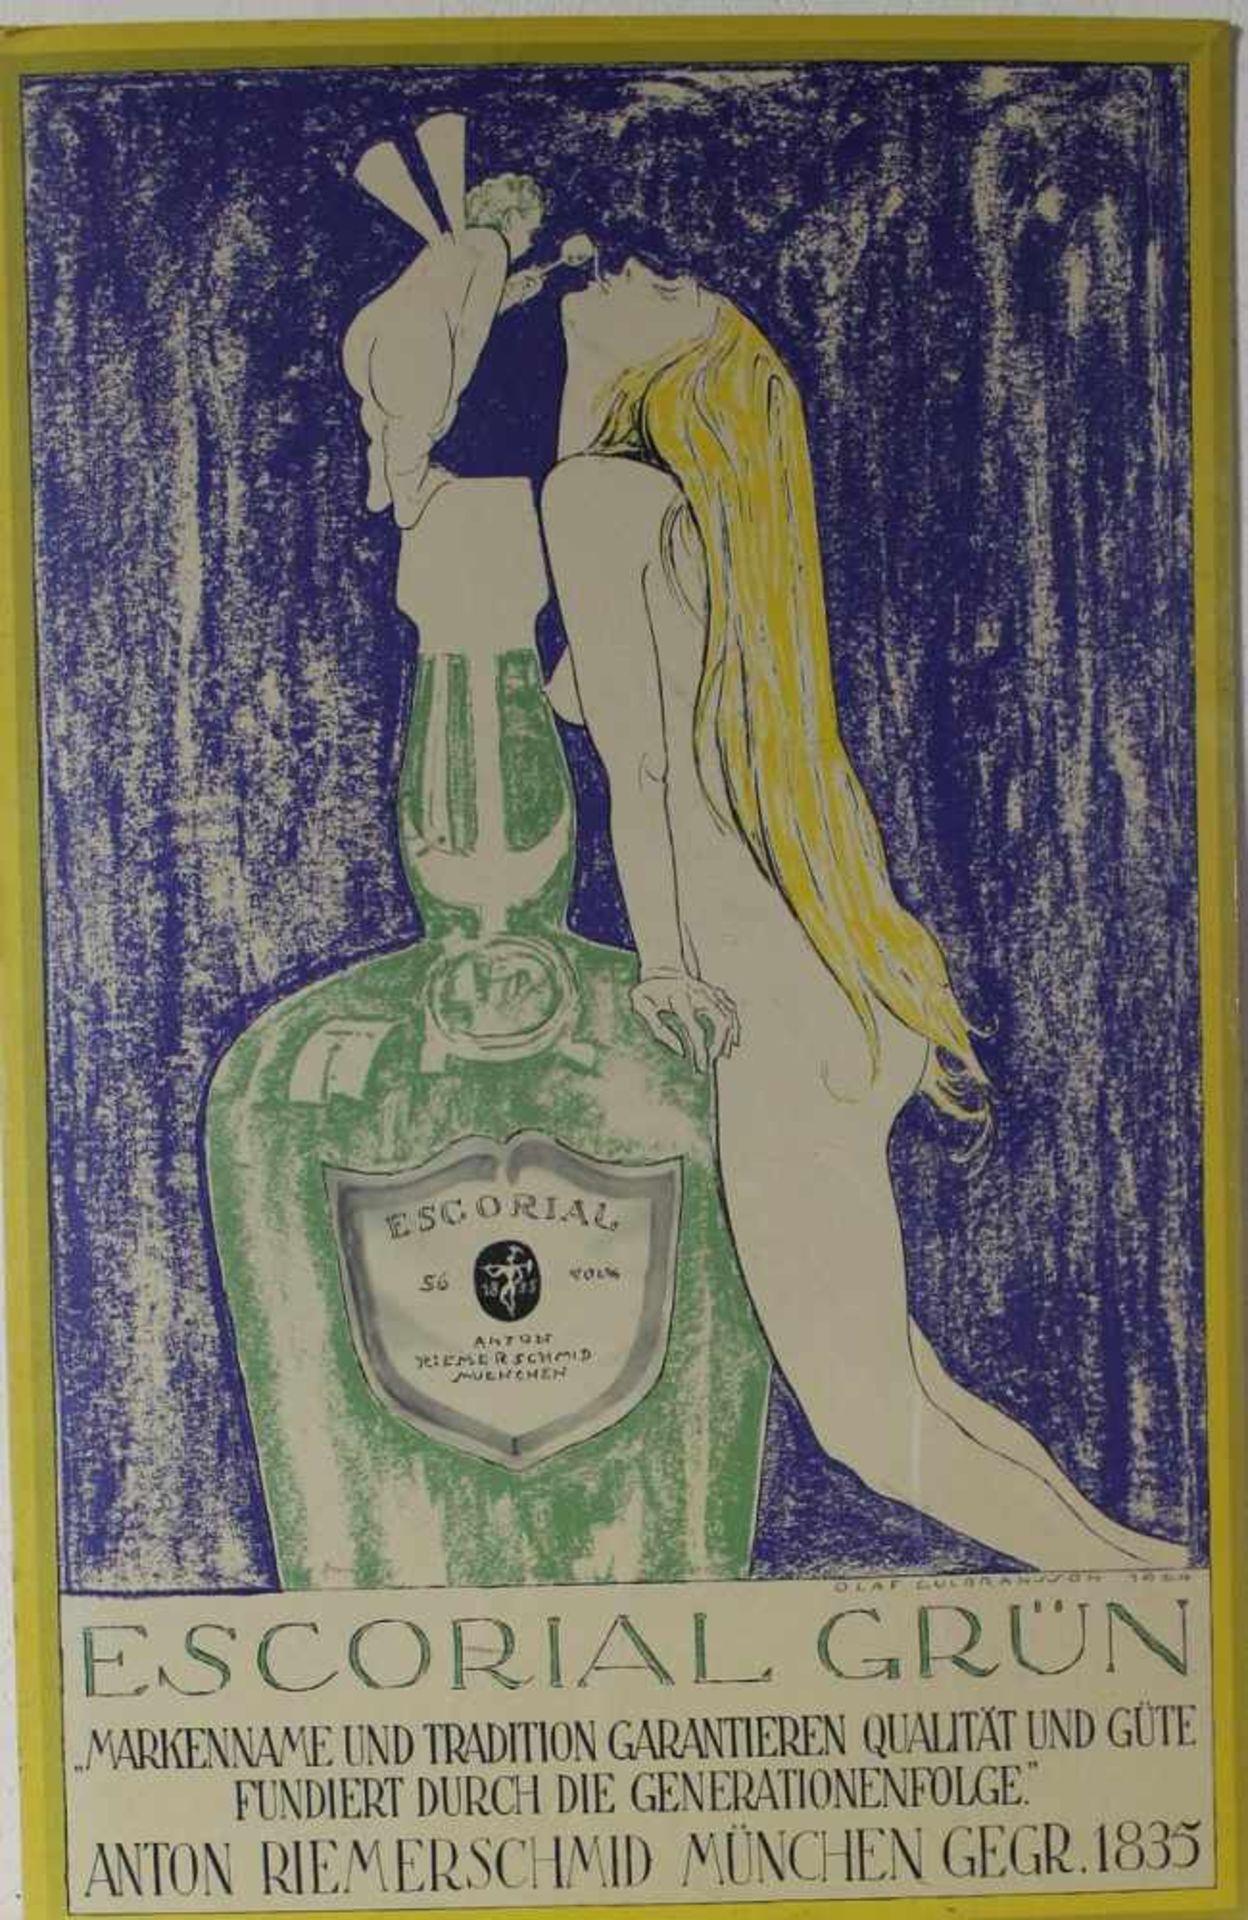 Werbetafel Escorial grün nach Olaf Gulbrannsson, Reprint nach dem Entwurf von 1924, ca. 69 x 45